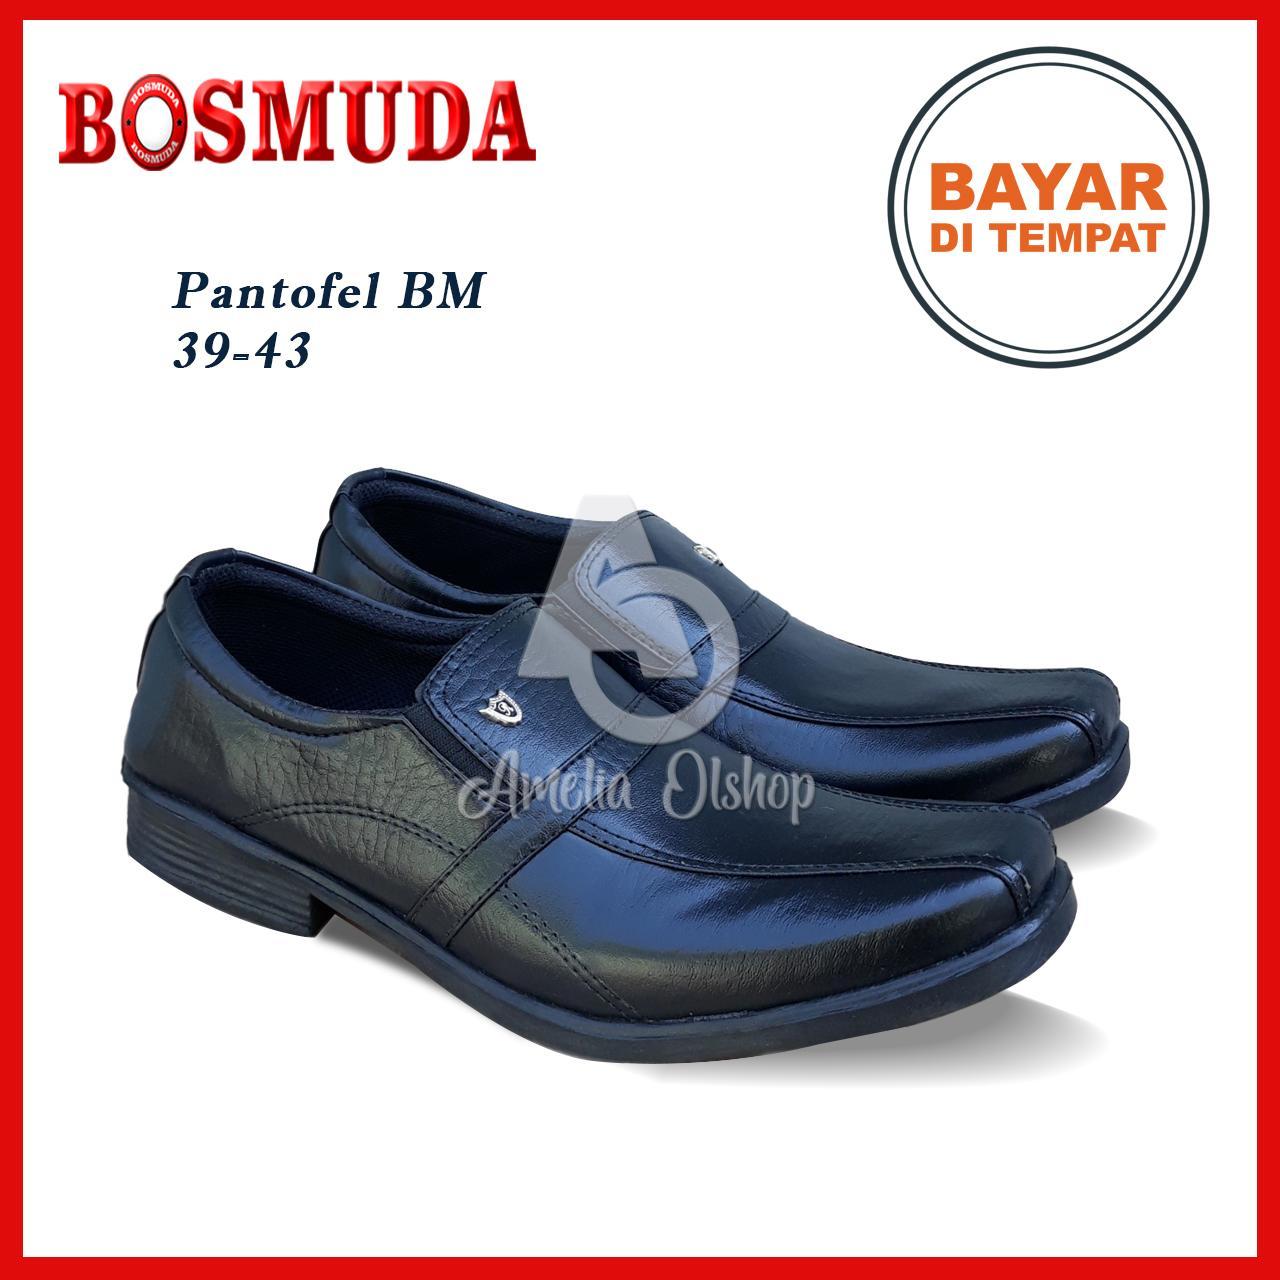 94+ Model Model Sepatu Pantofel Paling Keren